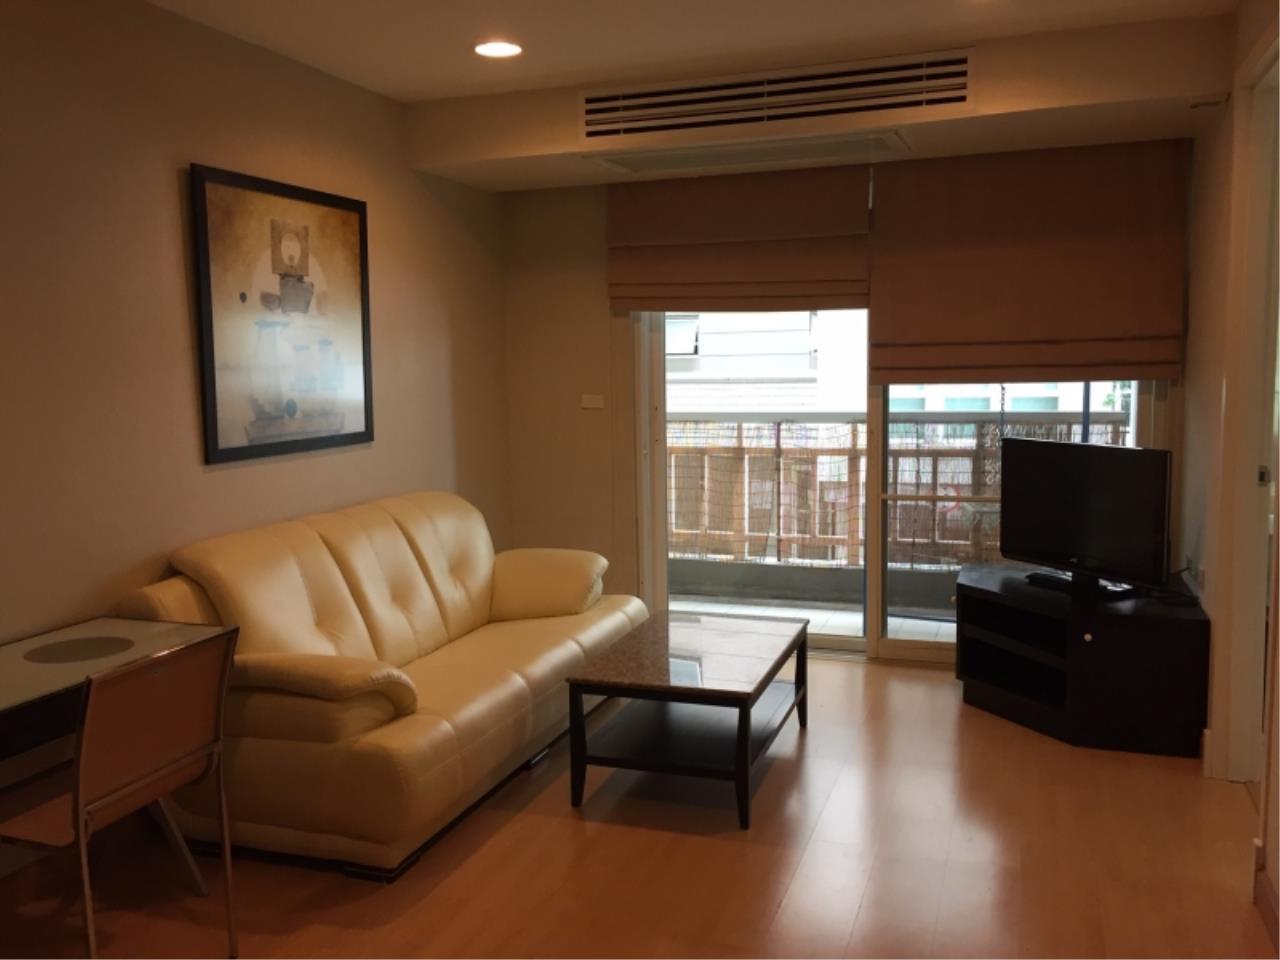 Century21 Skylux Agency's The Bangkok Narathiwas Ratchanakarint / Condo For Rent / 2 Bedroom / 80 SQM / BTS Chong Nonsi / Bangkok 1